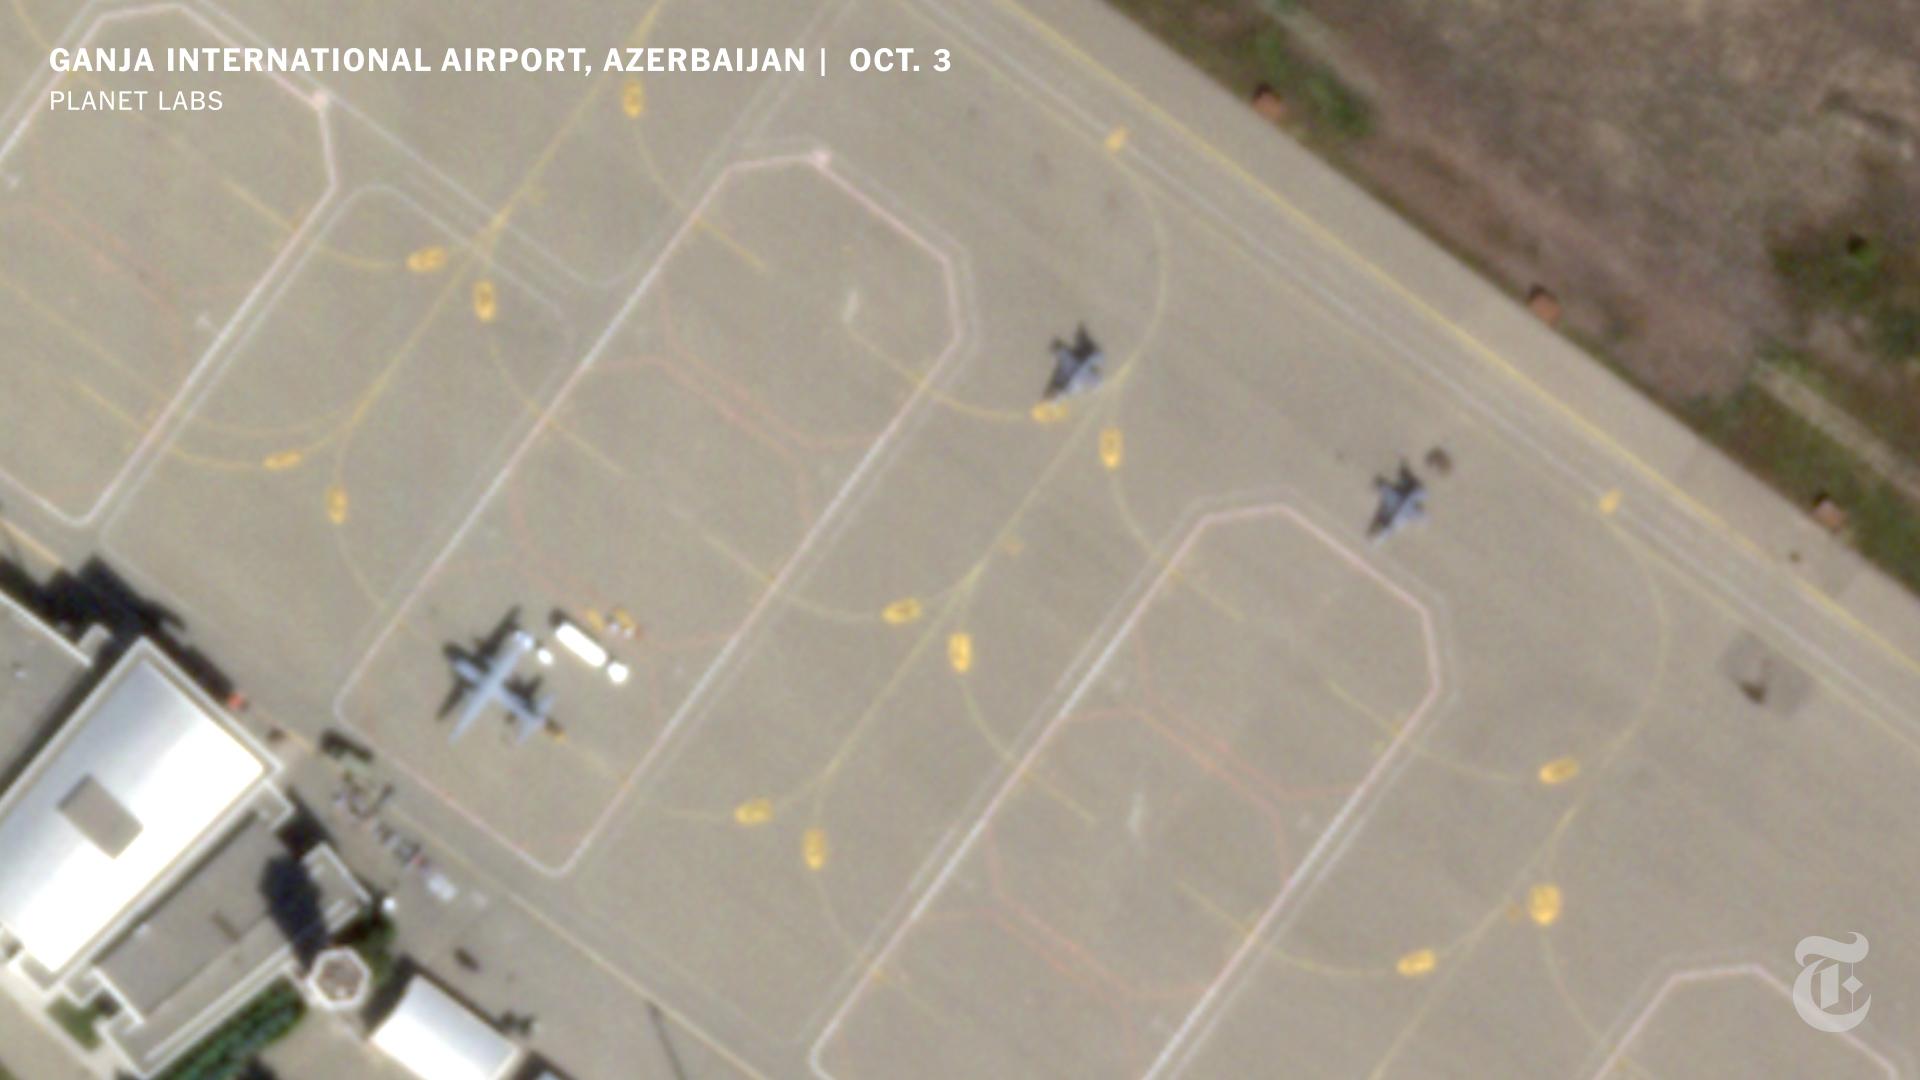 Állítólagos török F-16 vadászgépek és a kiszolgálást segítő CN-235 szállító repülőgép az azerbajdzsáni Gandzsa Nemzetközi Repülőtéren #moszkvater